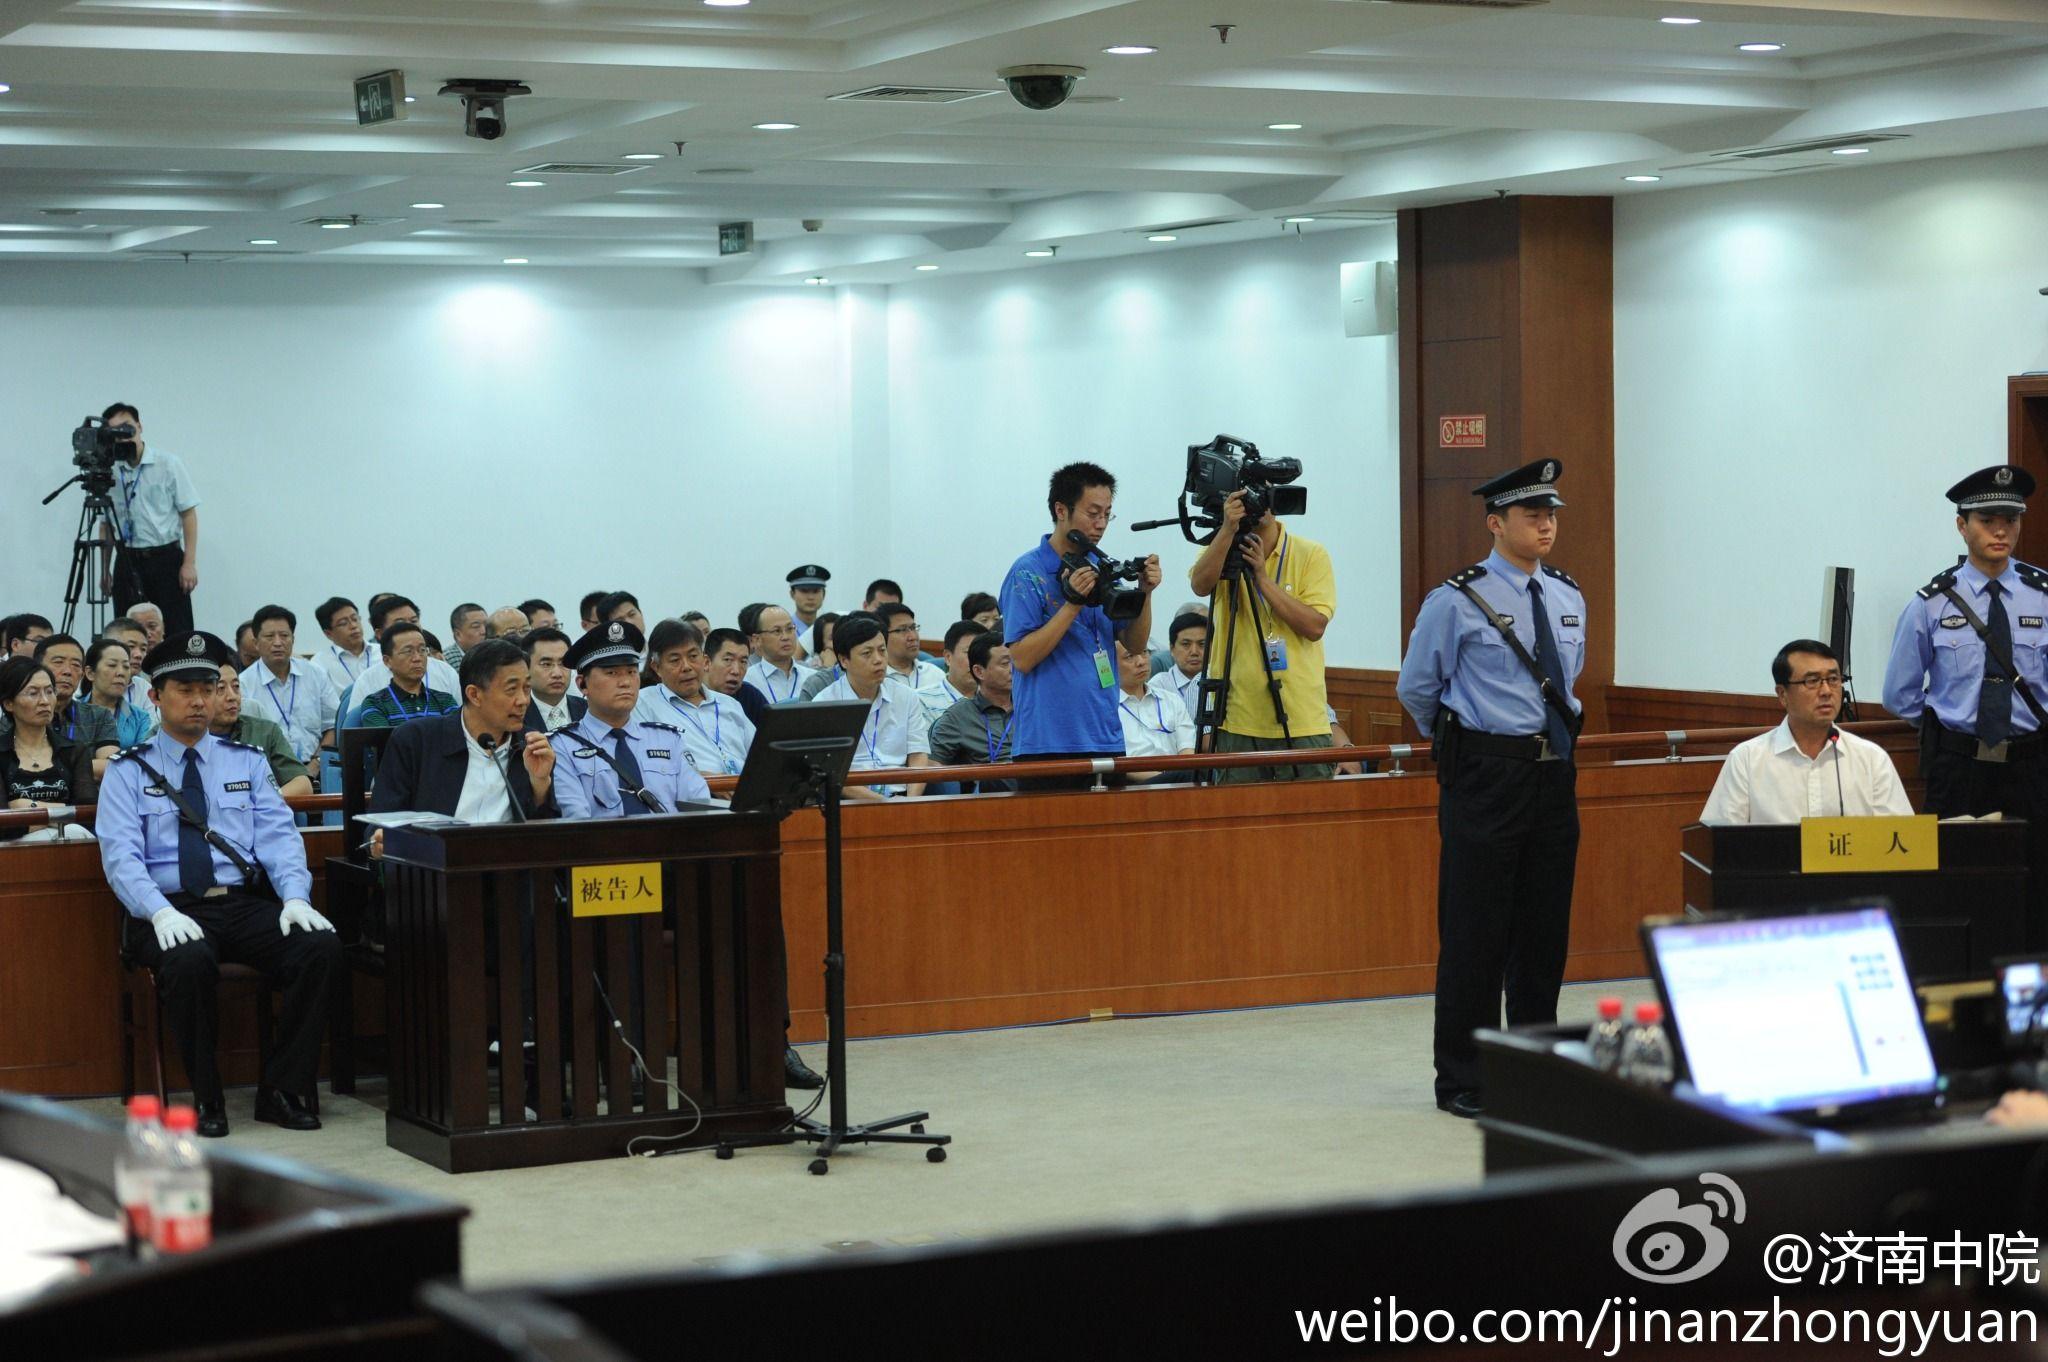 据济南市中级人民法院报道,法庭现在就起诉书指控被告人薄熙来滥用职权的事实进行调查。图为薄熙来和王立军对质。